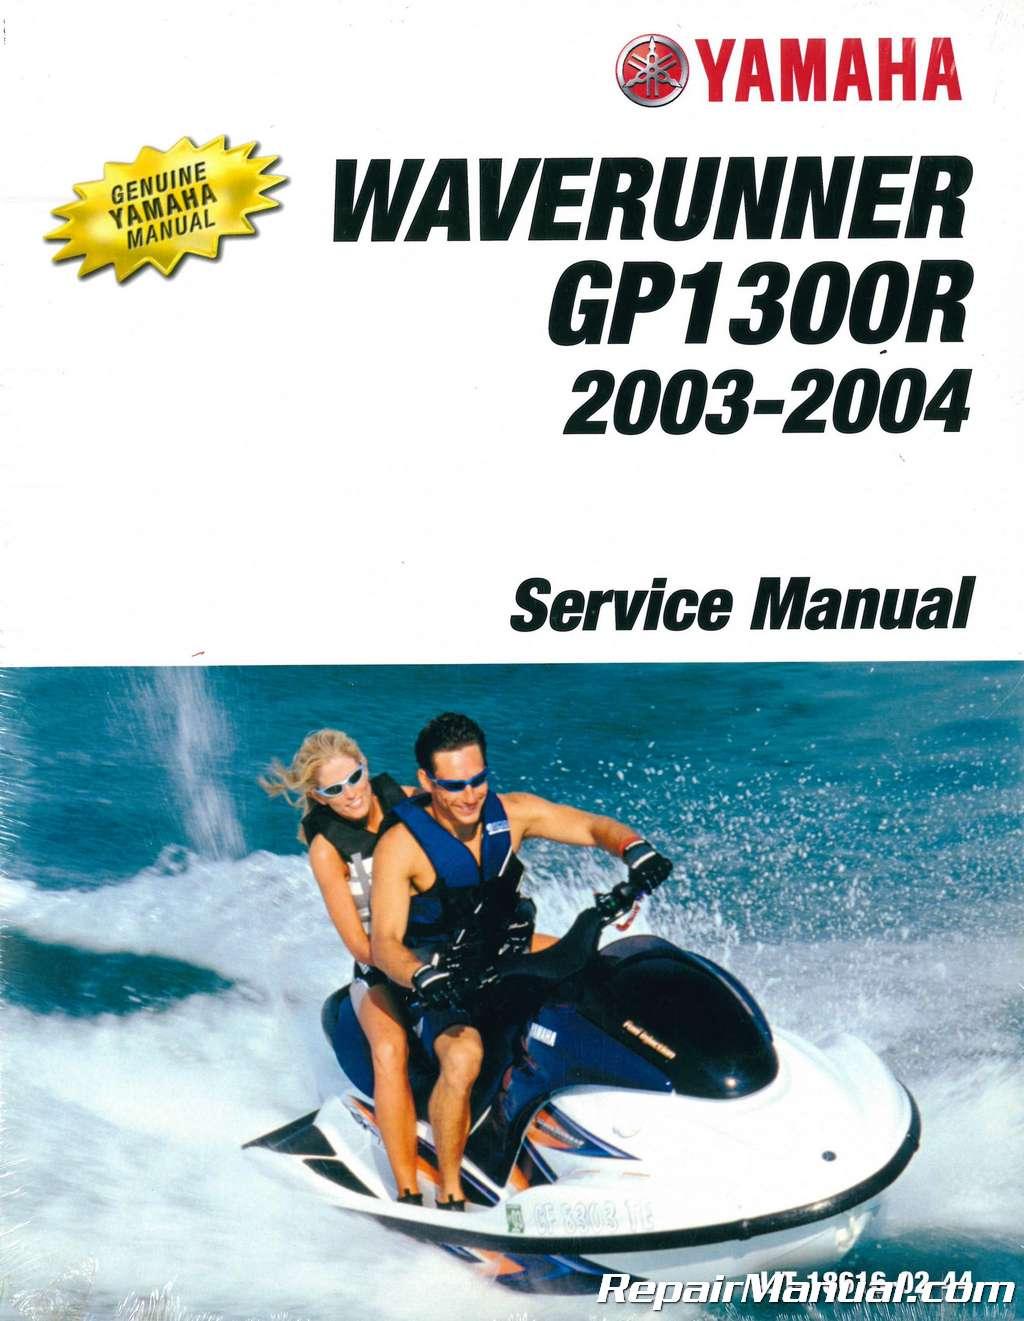 2003 2004 Yamaha Gp1300r Waverunner Service Manual border=